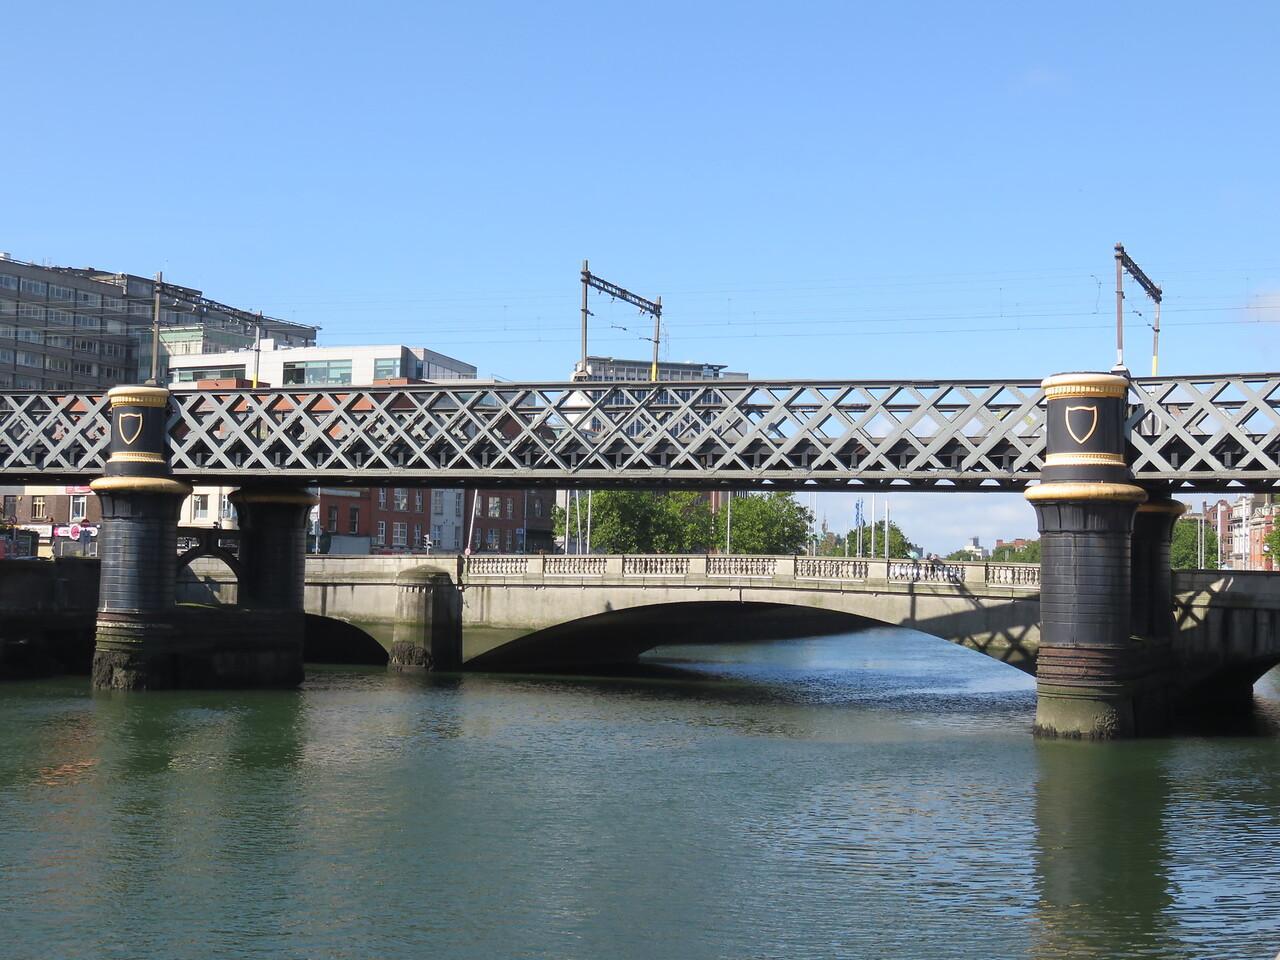 004 - Dublin - The-Guinness-Bridge